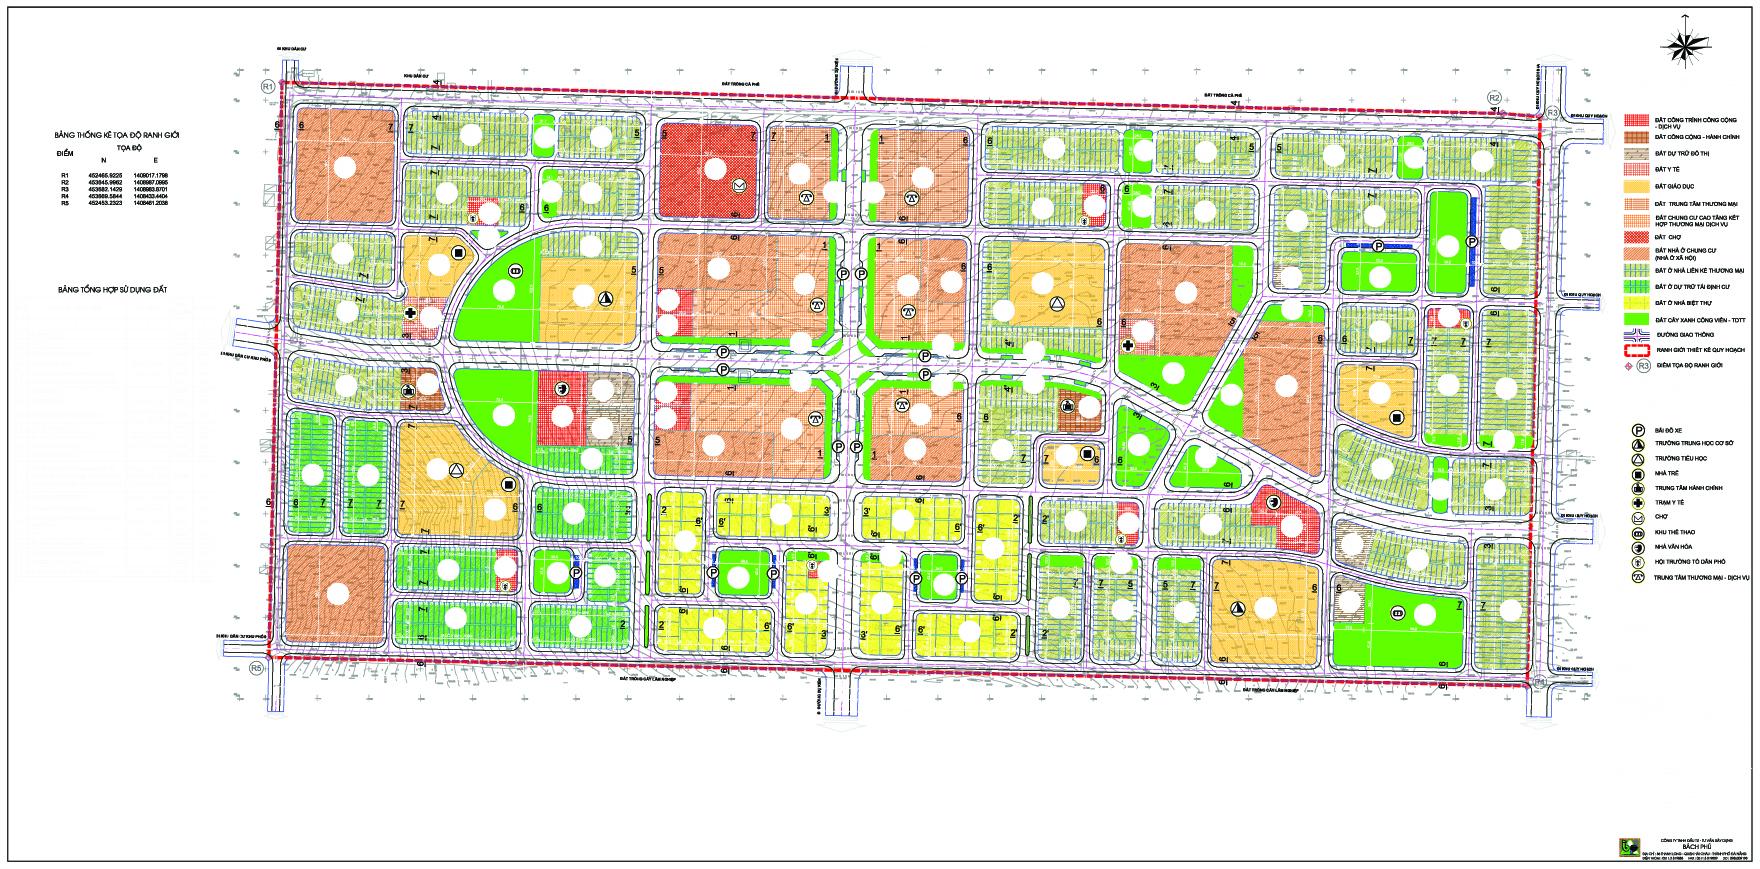 Triển khai thủ tục lựa chọn nhà đầu tư thực hiện dự án Khu đô thị dịch vụ Cụm công nghiệp Tân An 2 và dự án Khu đô thị mở rộng Cụm Công nghiệp Tân An